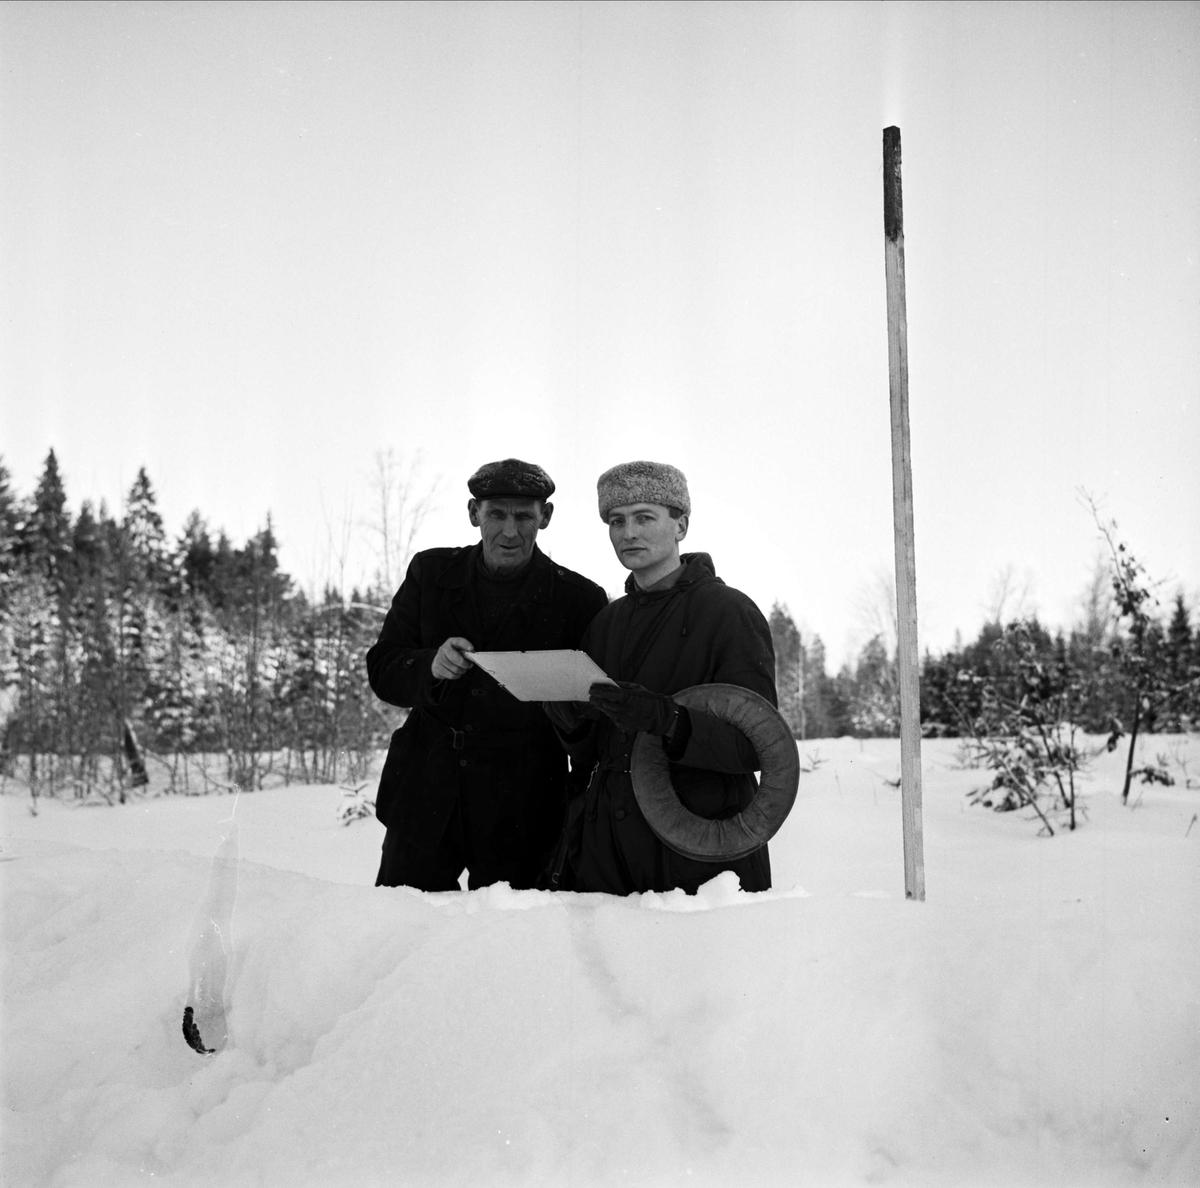 Sannolikt lantmätare, Söderfors, Uppland 1967